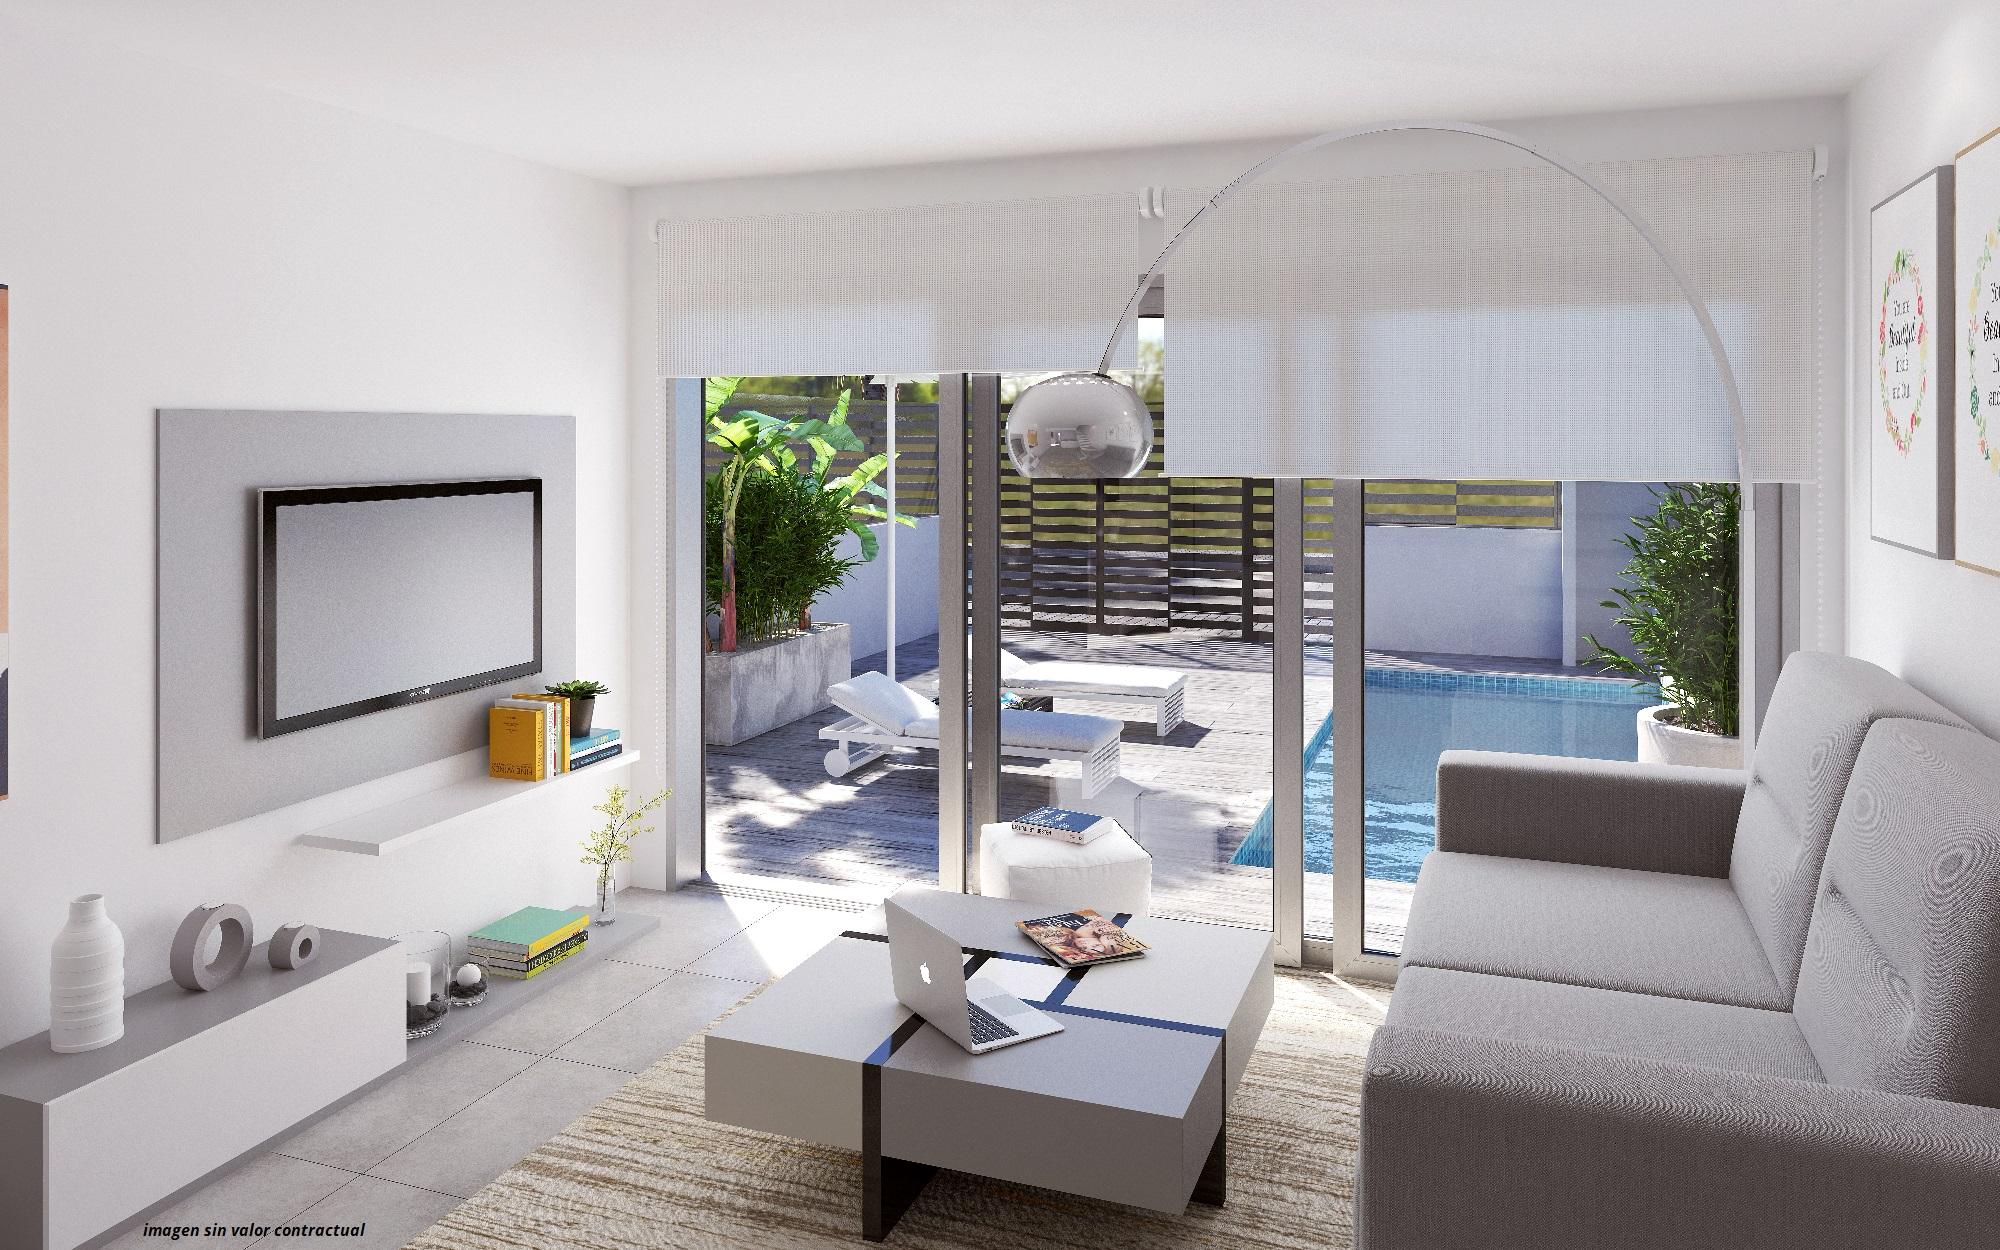 Sørvendt villa med 3 soverom og 3 bad på Hjørnetomt. Privat basseng og takterrasse. Gangavstand til Middelhavet [VTM7]